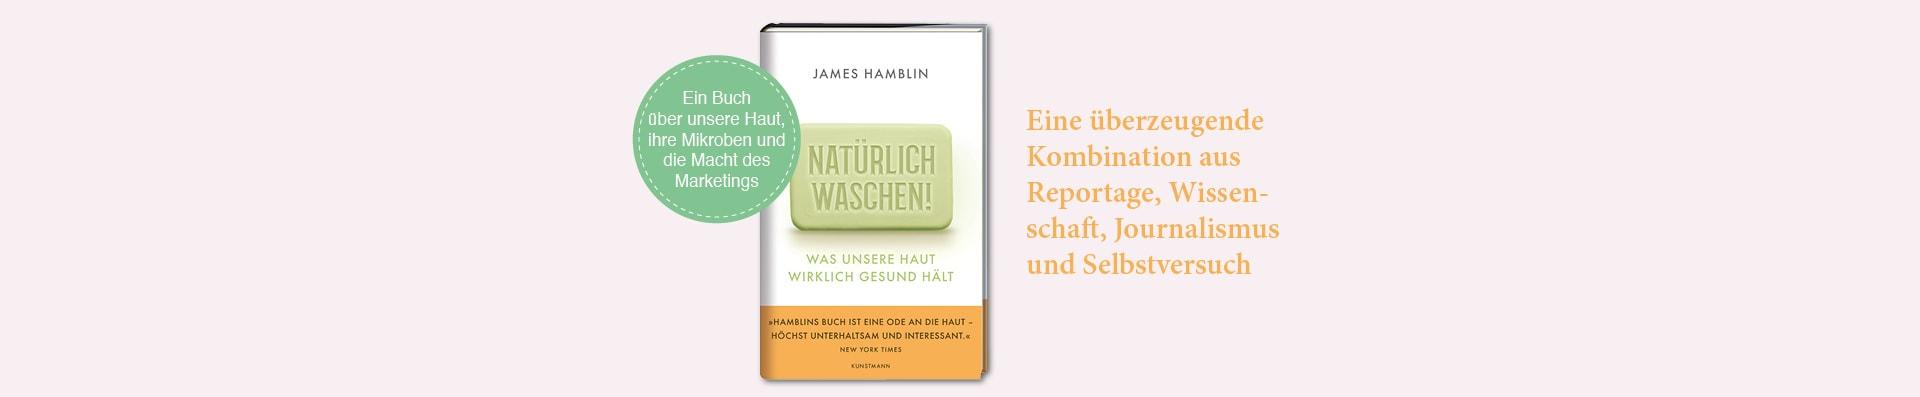 James Hamblin – Natürlich waschen!